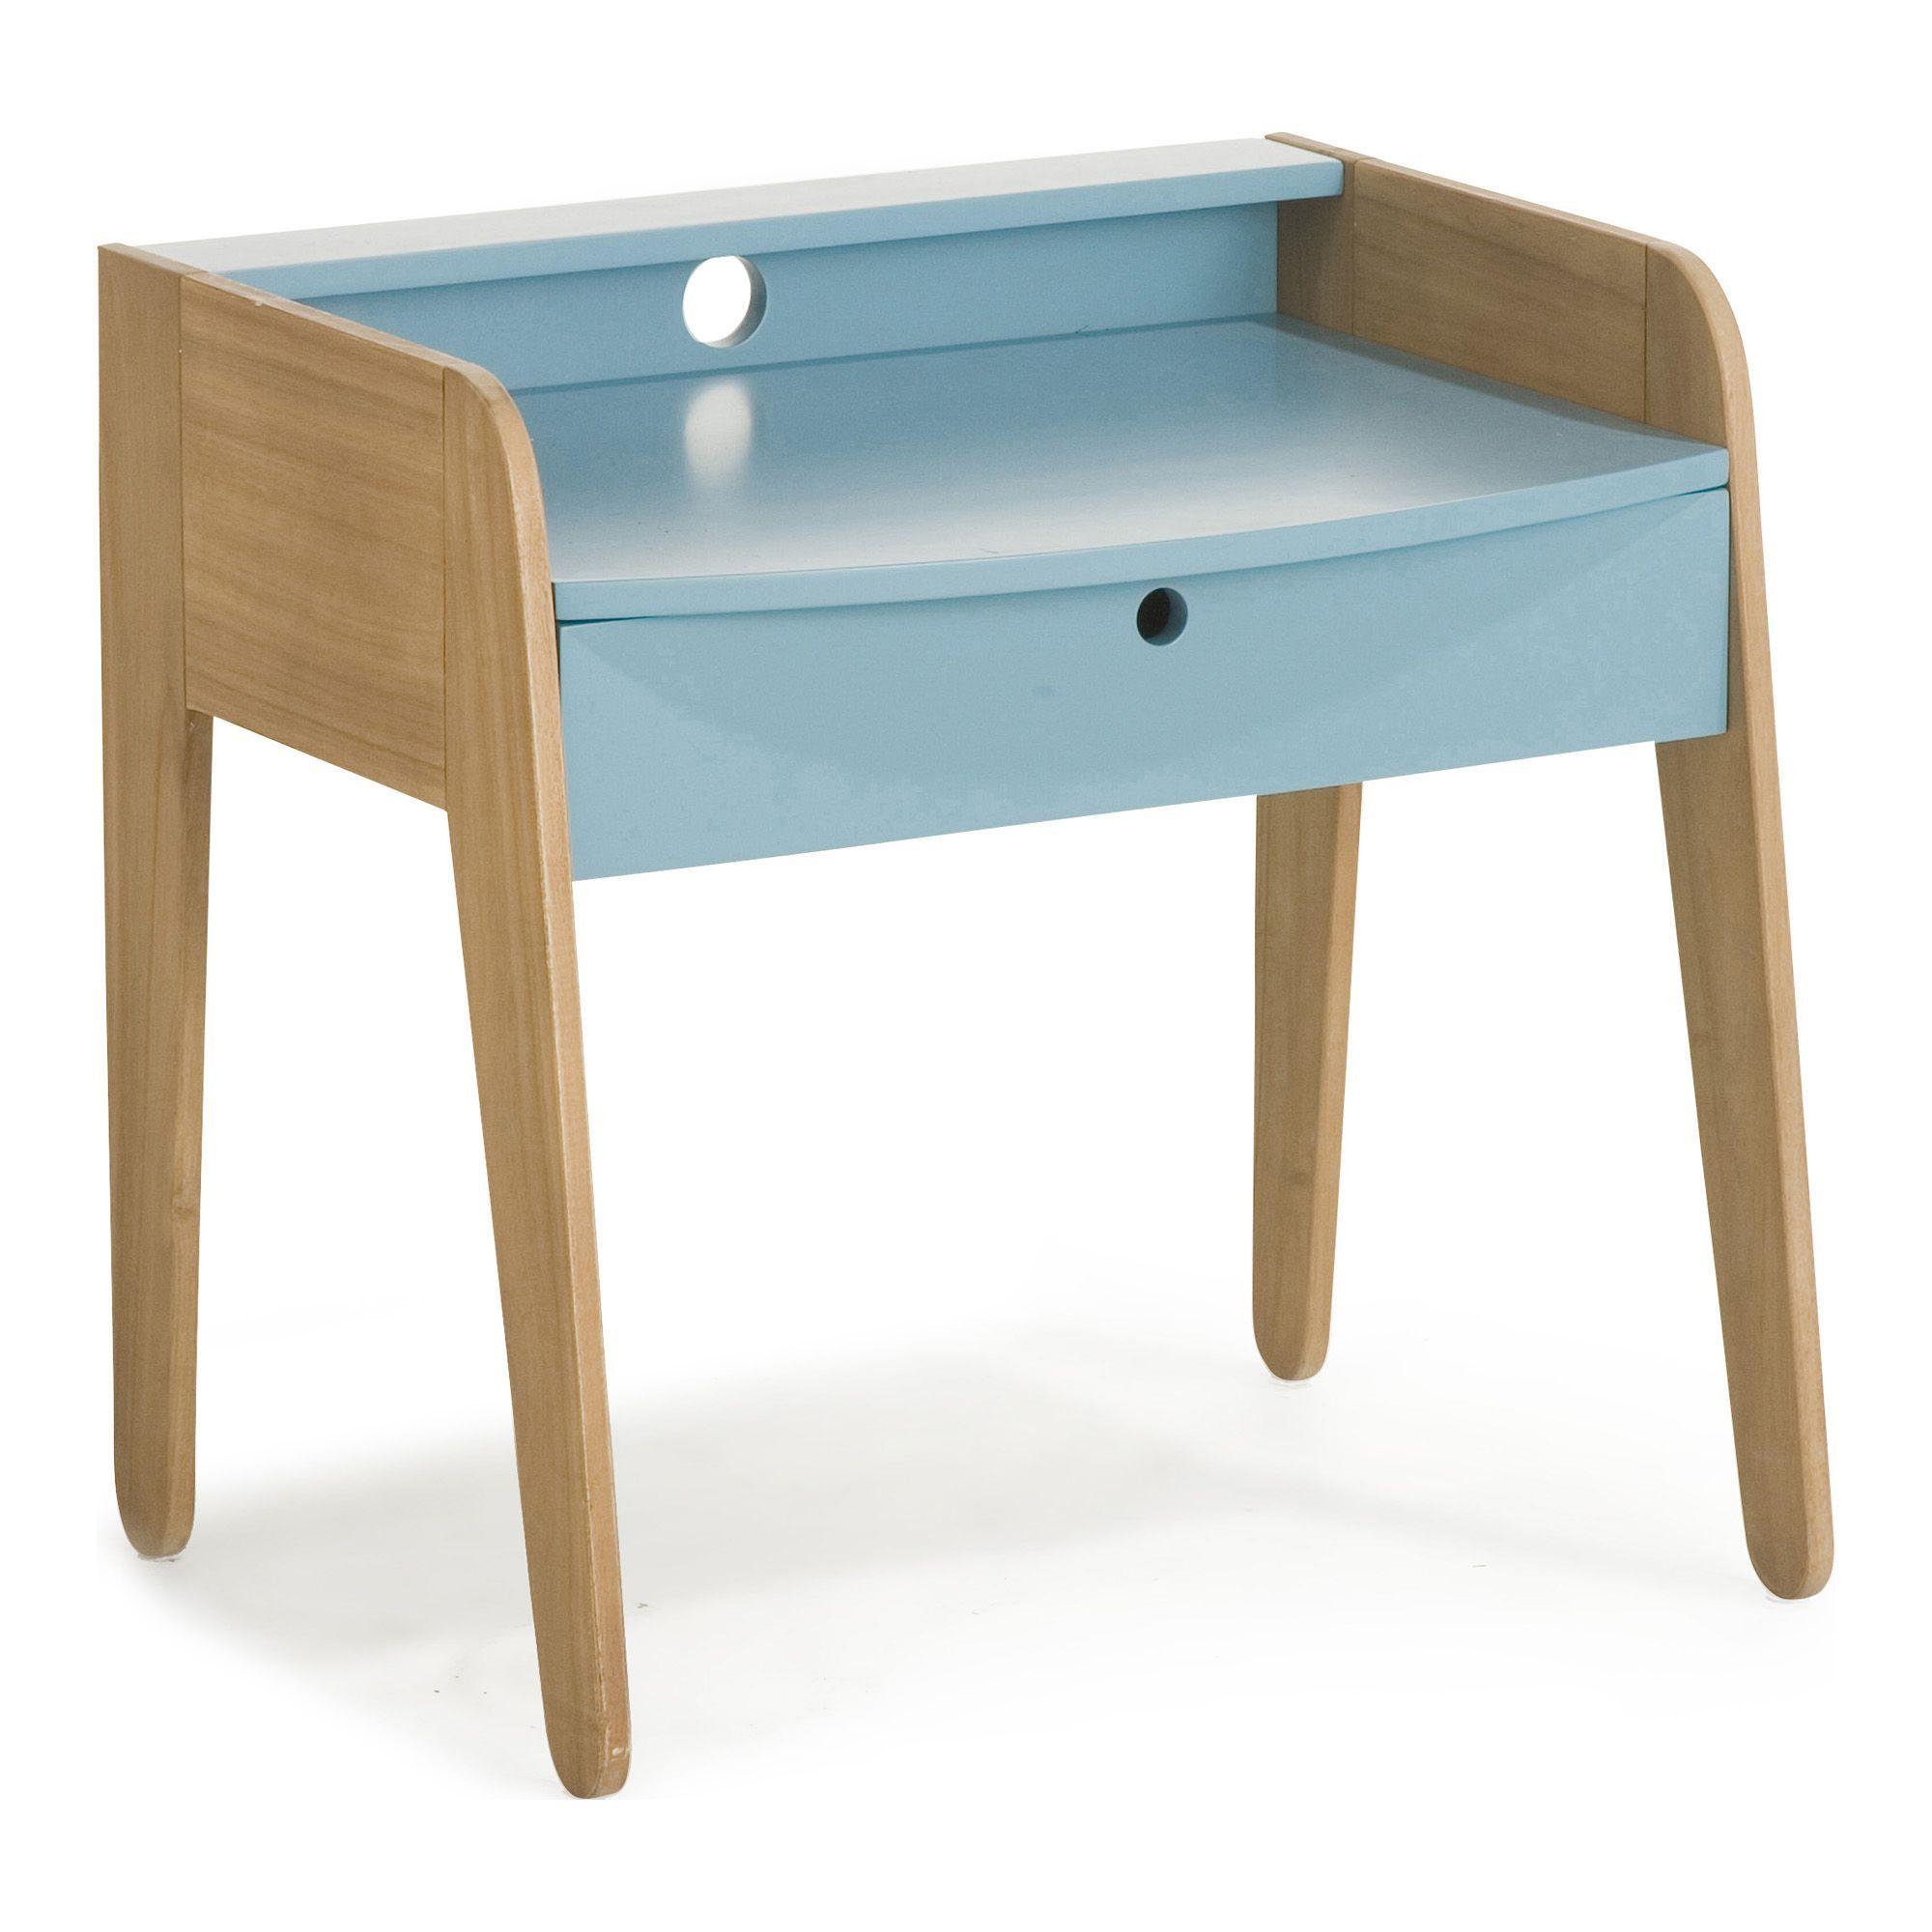 petit bureau vintage bleu pour enfant vintage bureaux enfants meubles pour chambre enfant univers des enfants par piece decoration interieur alinea